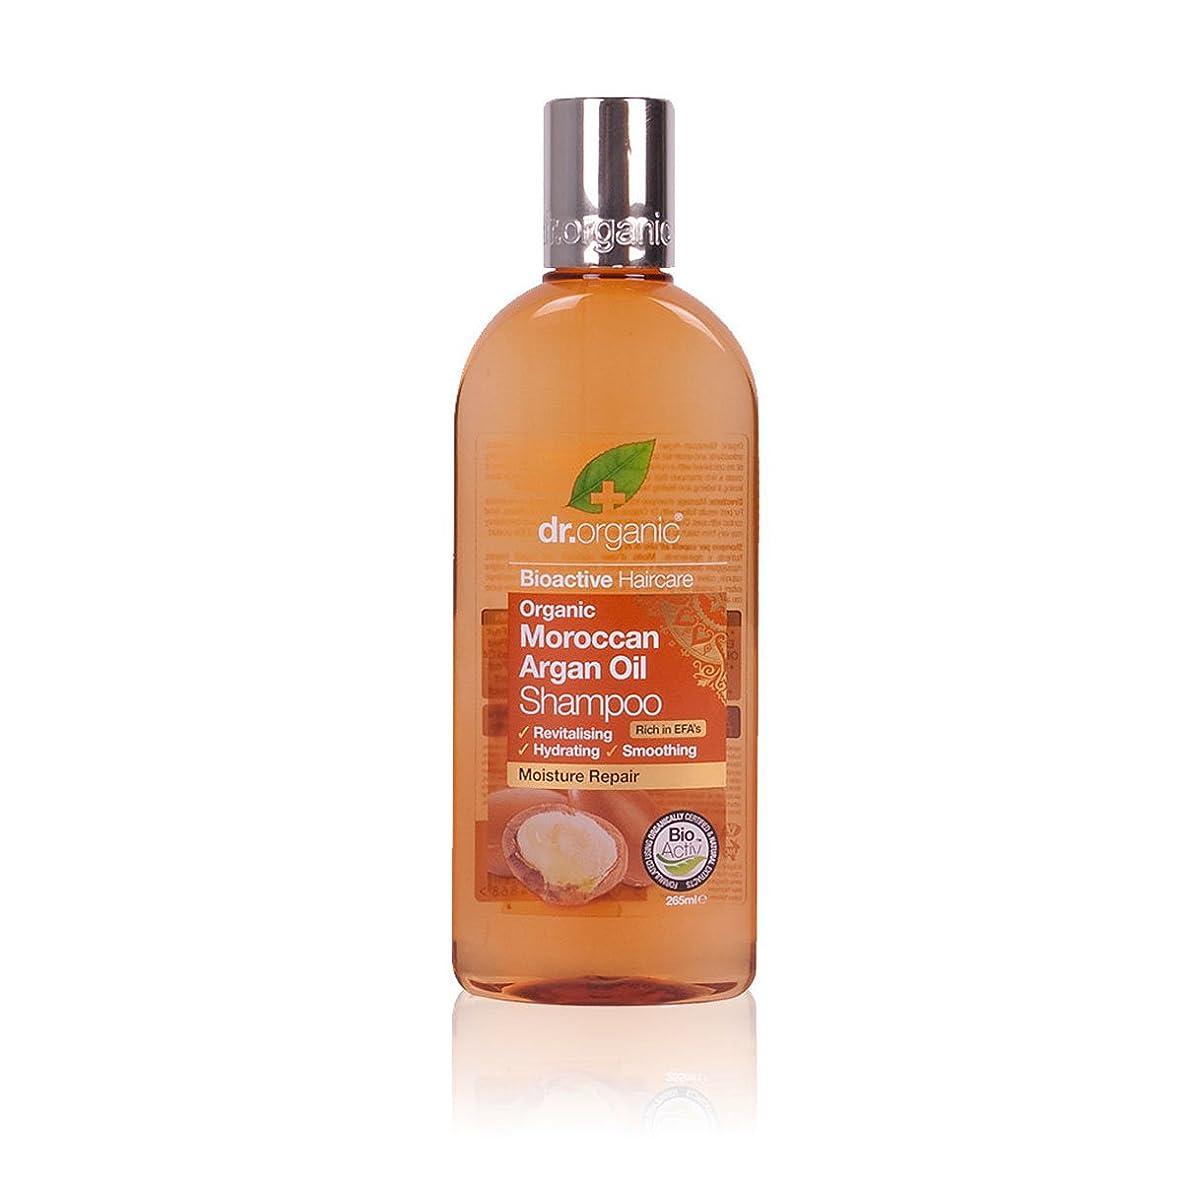 説得均等に外出Dr.organic Organic Moroccan Argan Oil Shampoo 265ml [並行輸入品]